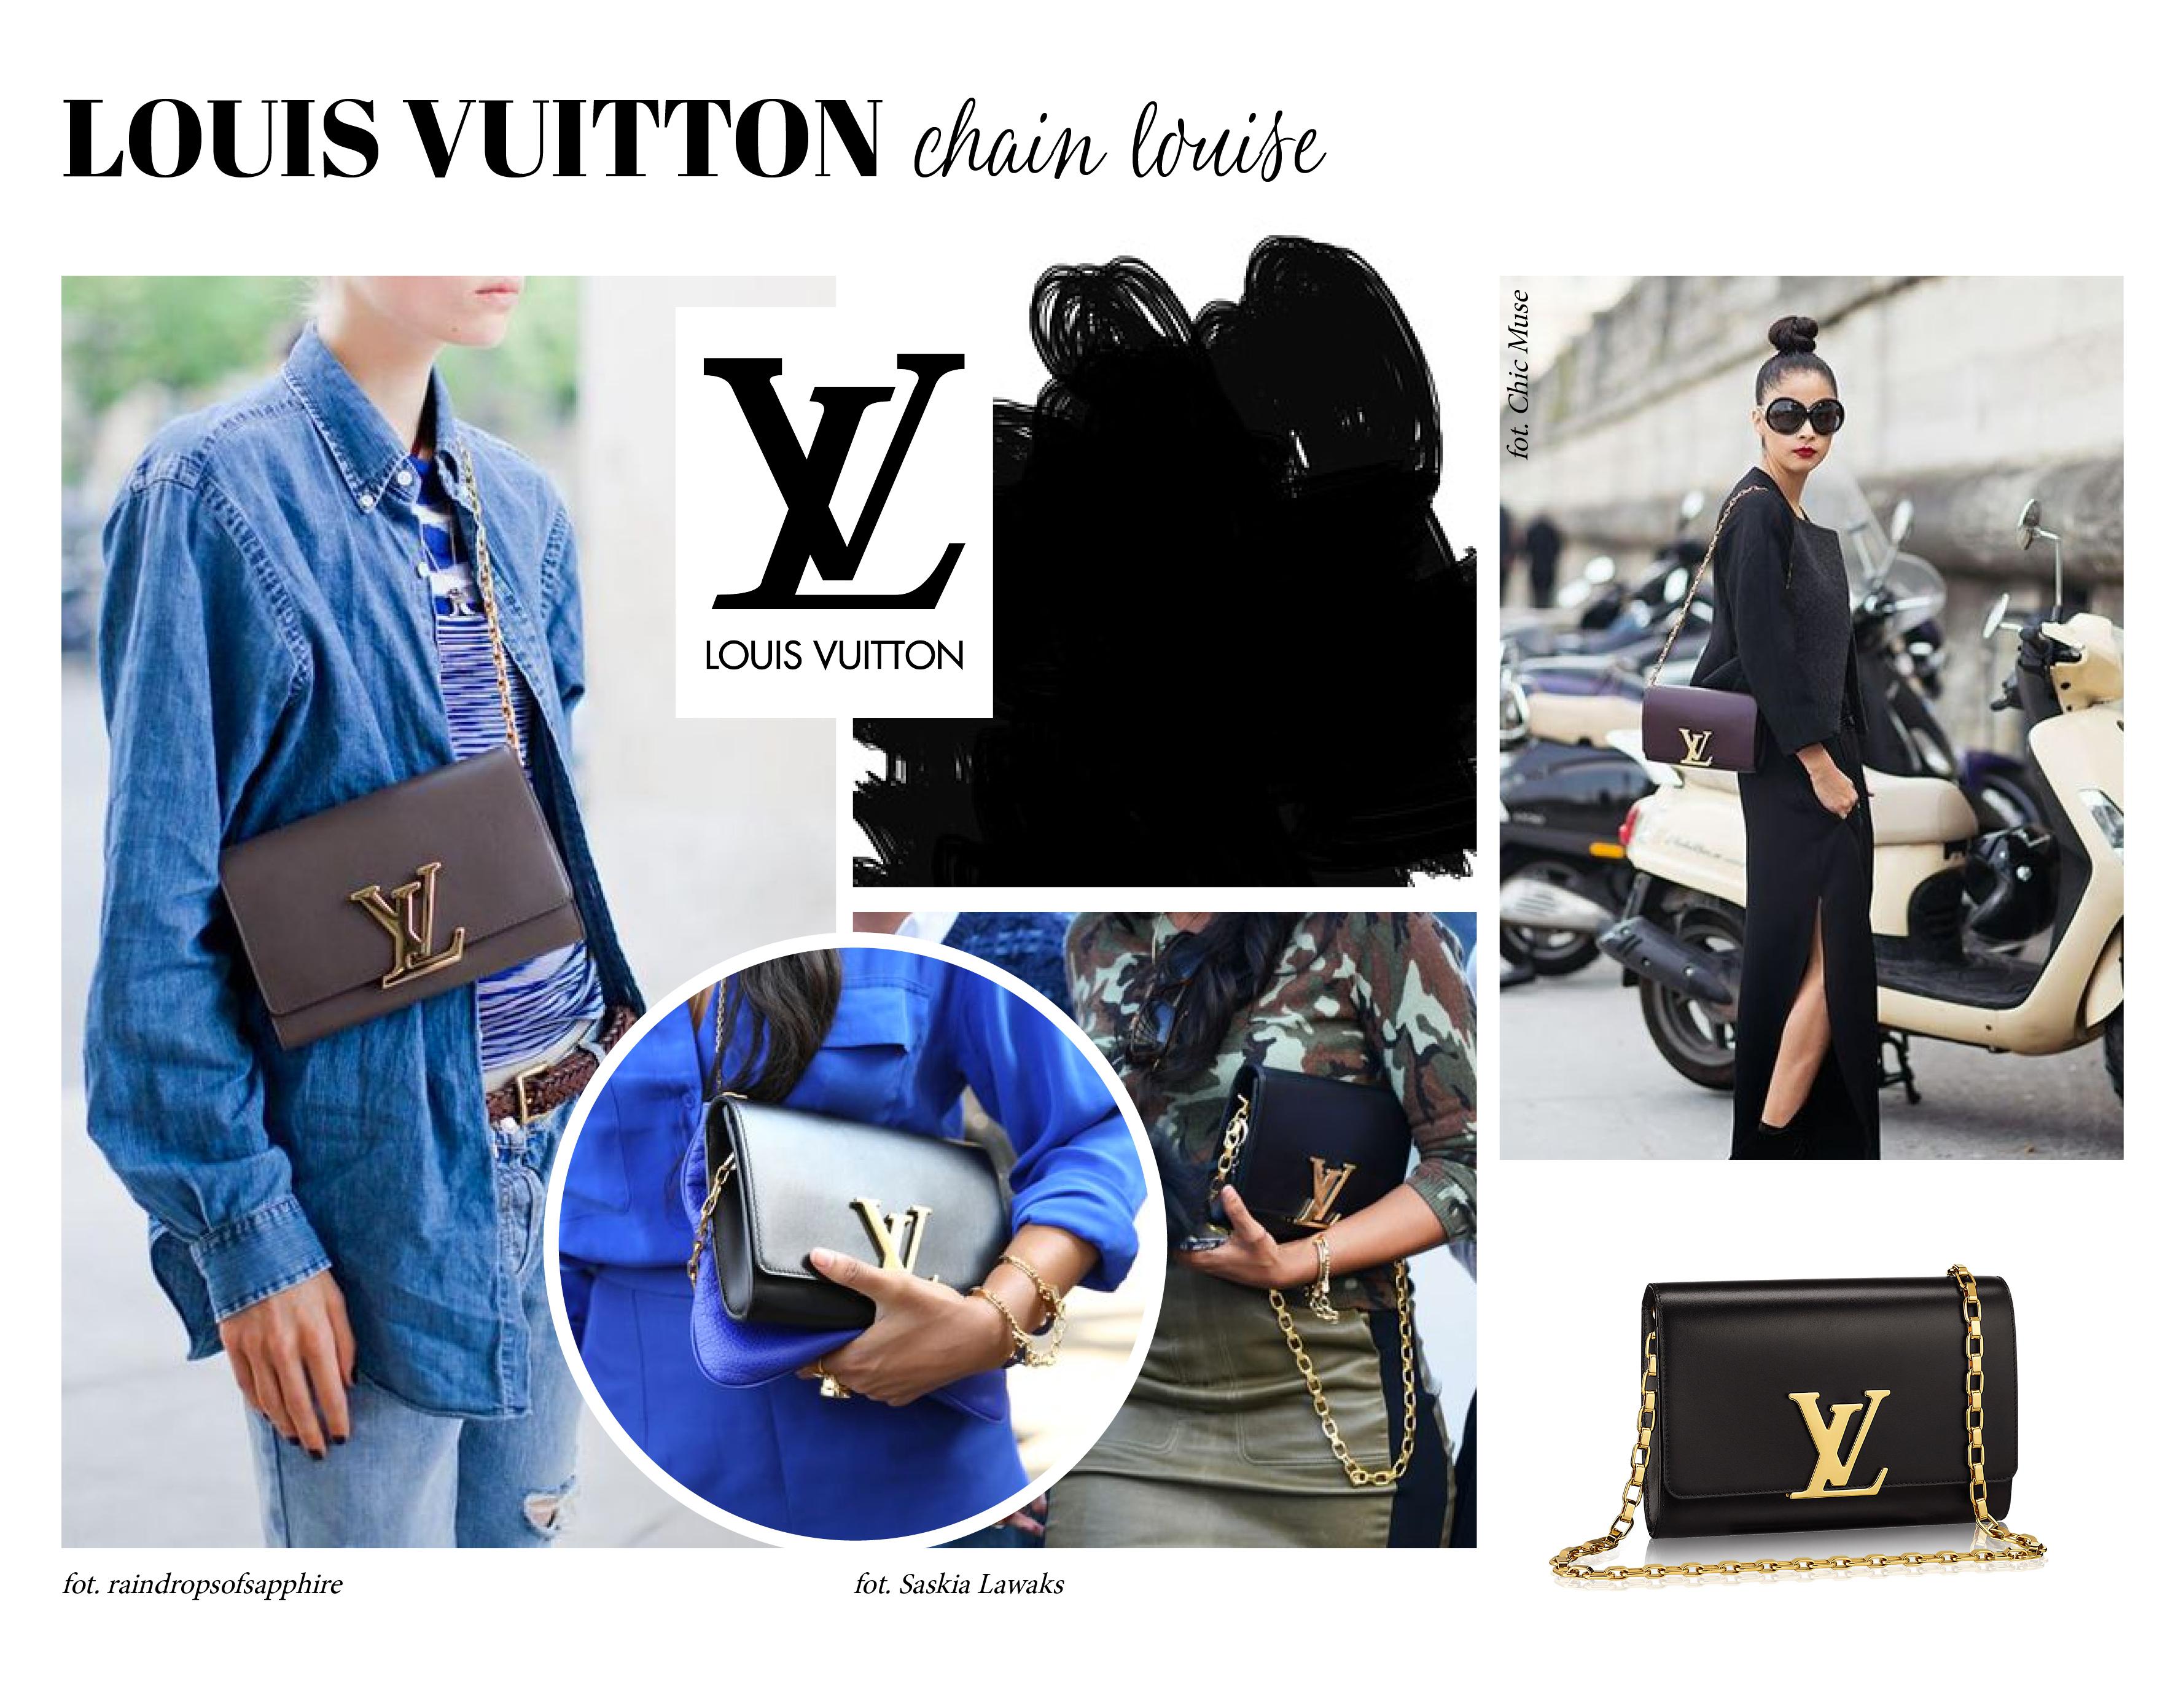 42b802b13b1f9 Louis Vuitton Chain Louise to klasa sama w sobie. Jest super kobieca i  elegancka. Nie wiem czy nie zbyt elegancka. To torebka na wielkie wyjścia.